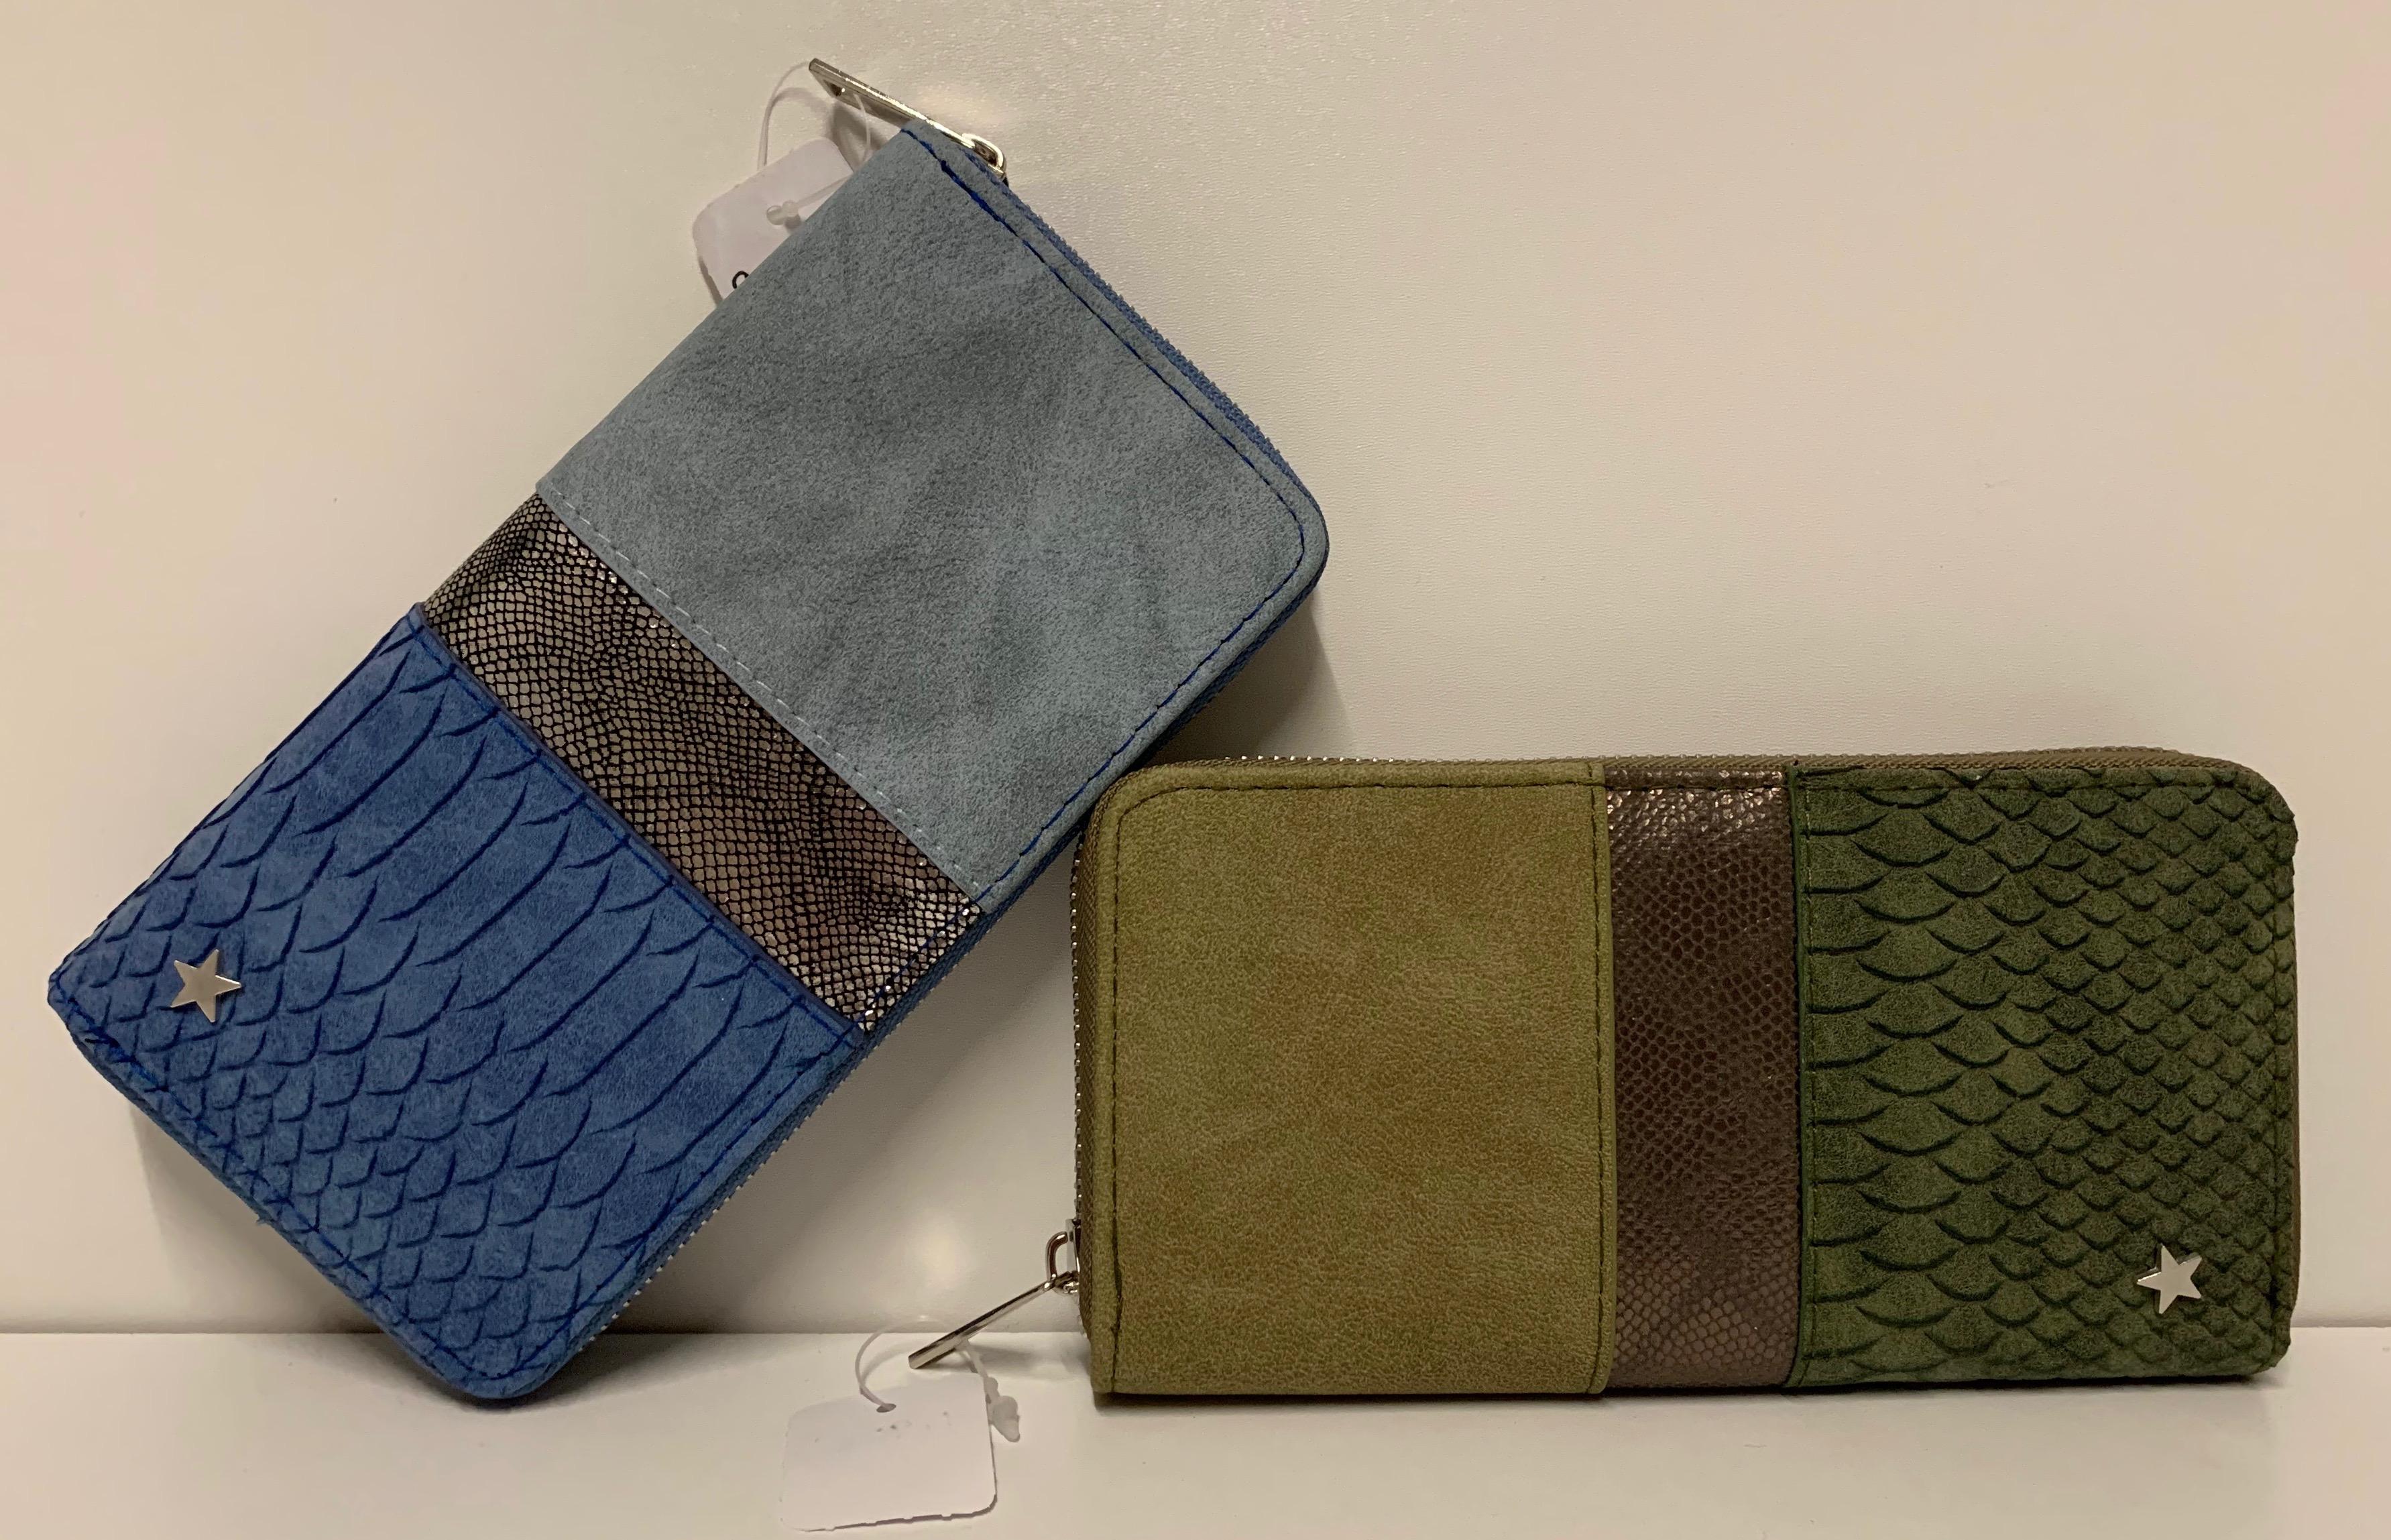 Damen Geldbörse im Materialmix in 2 Farben